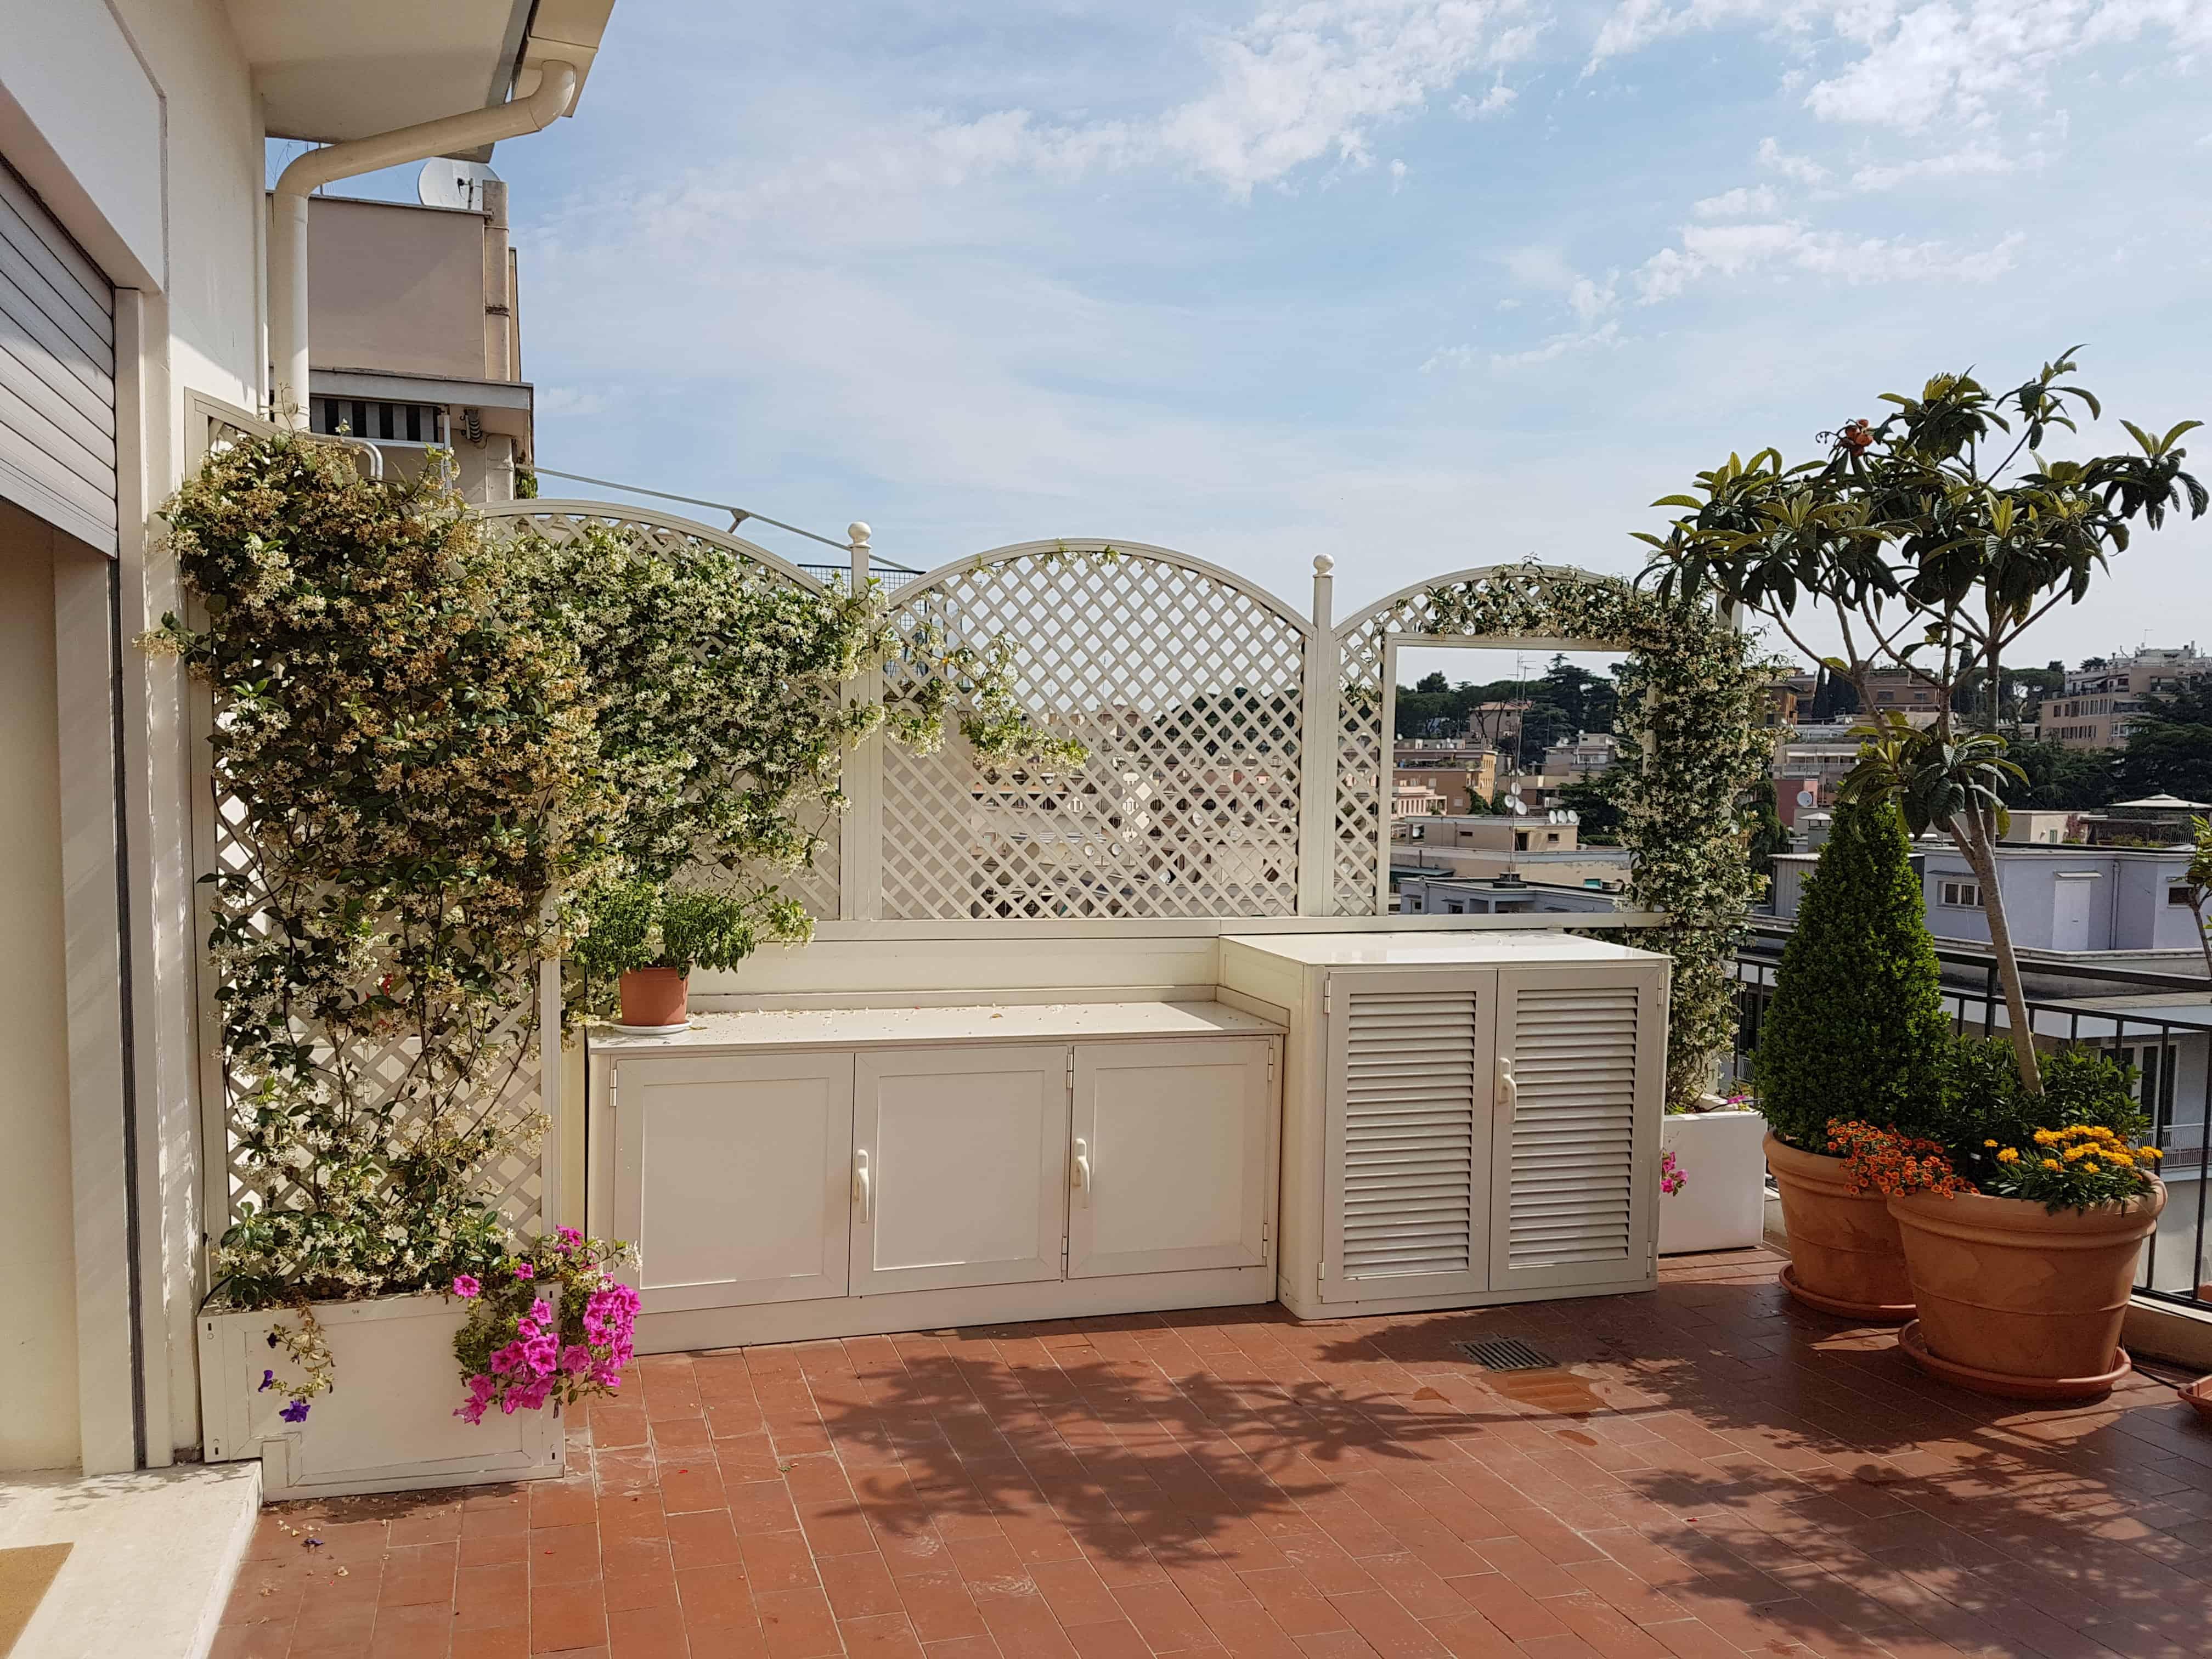 Fotografia di un grigliato in alluminio color avorio (Ral 1013), maglia 4,5 x 4,5 inclinata, installato a Roma, quartiere Parioli.